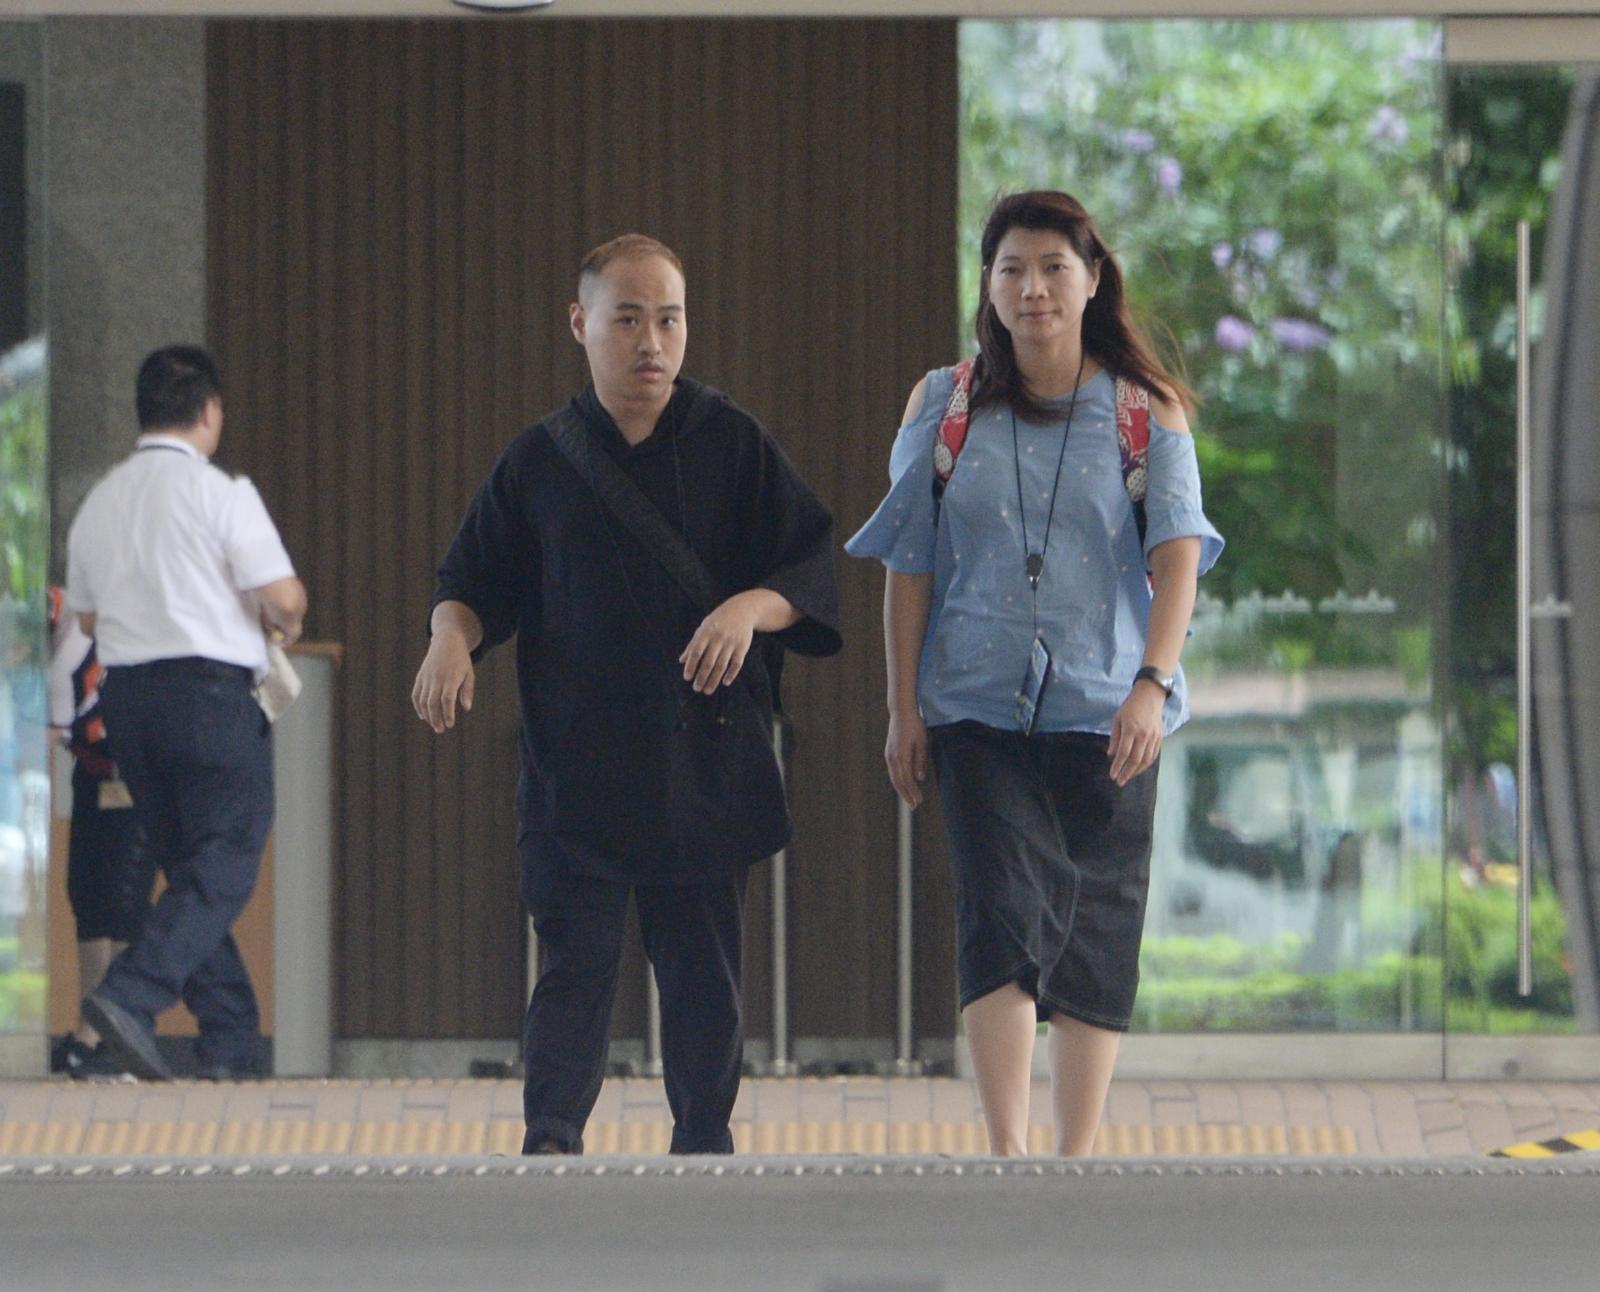 邱兆鴻的社會服務令報告正面及一致,王官接納報告建議判處社會服務令。